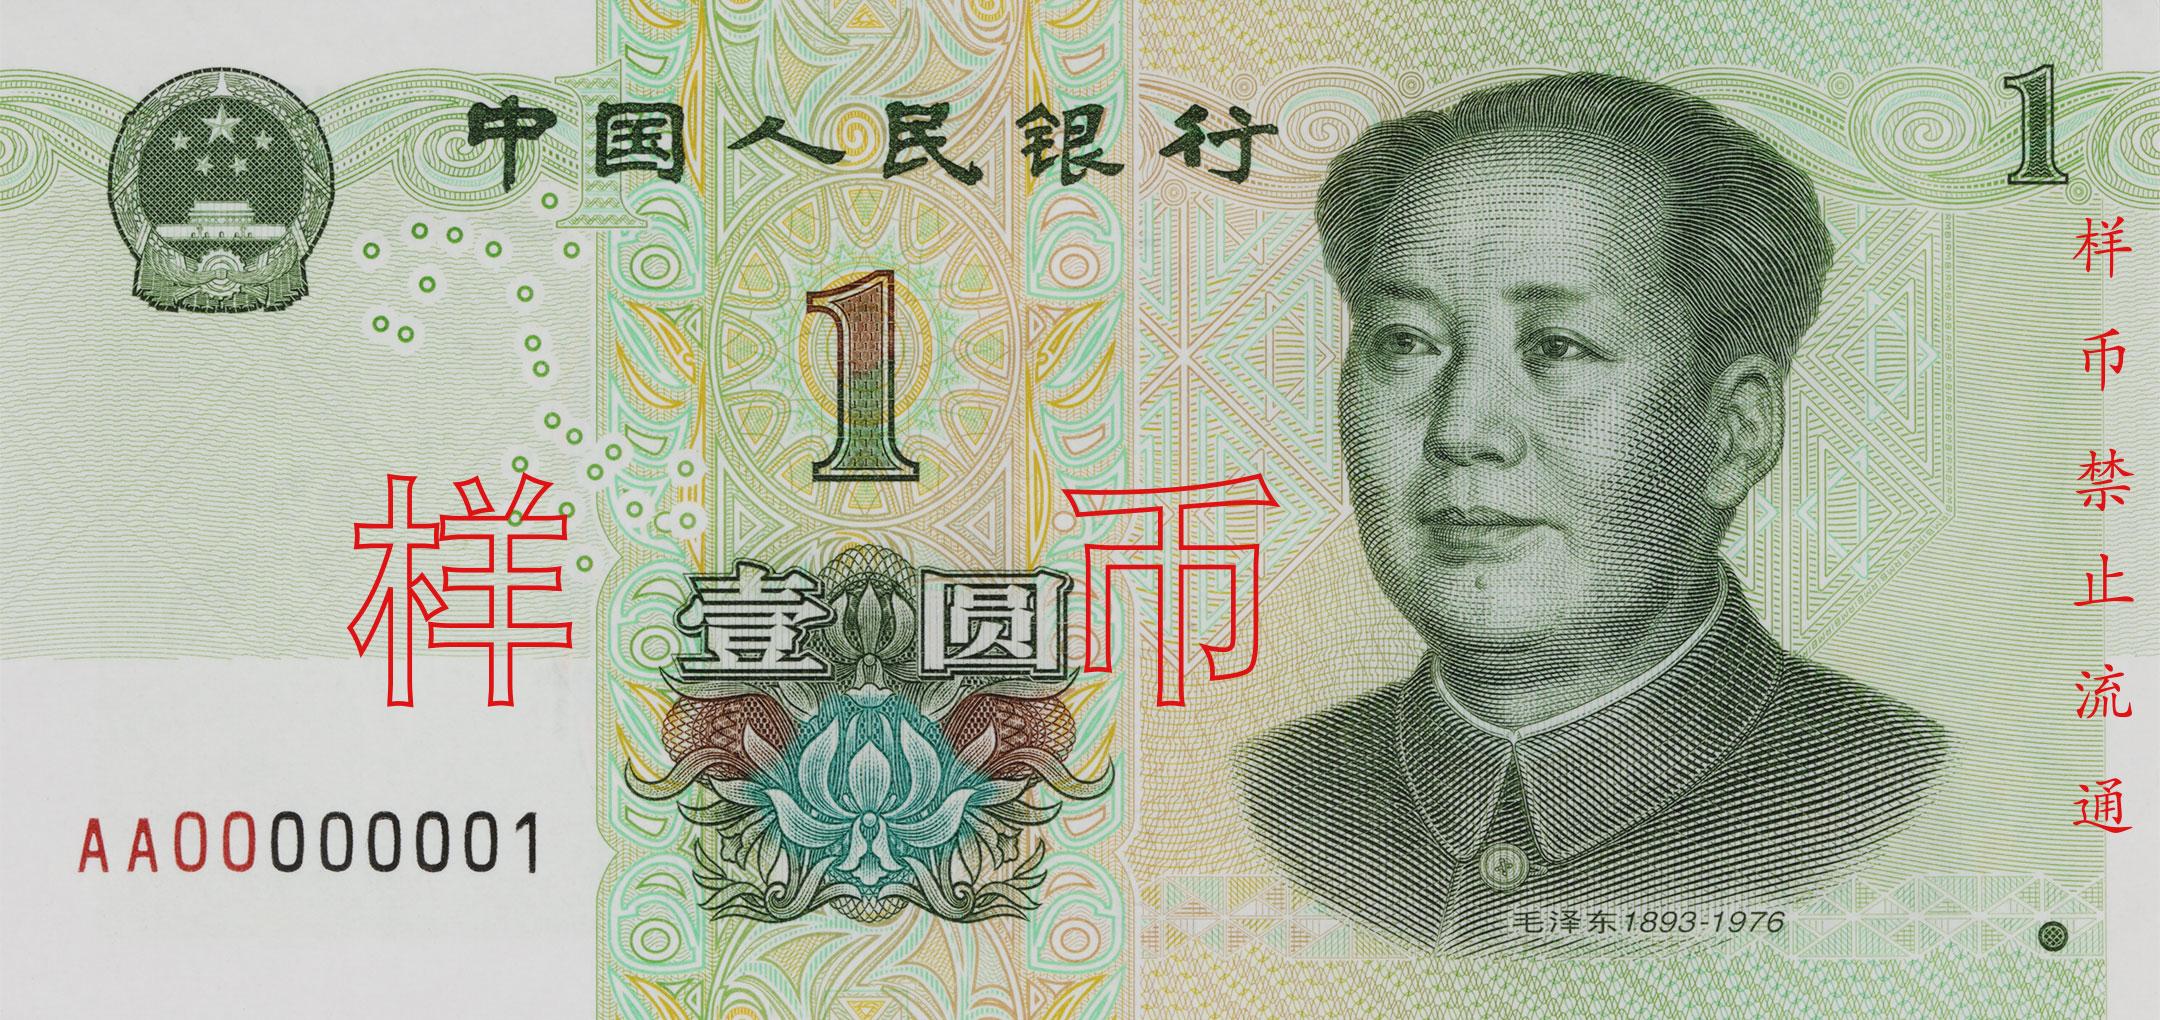 rmb2019-1-zheng_big.jpg